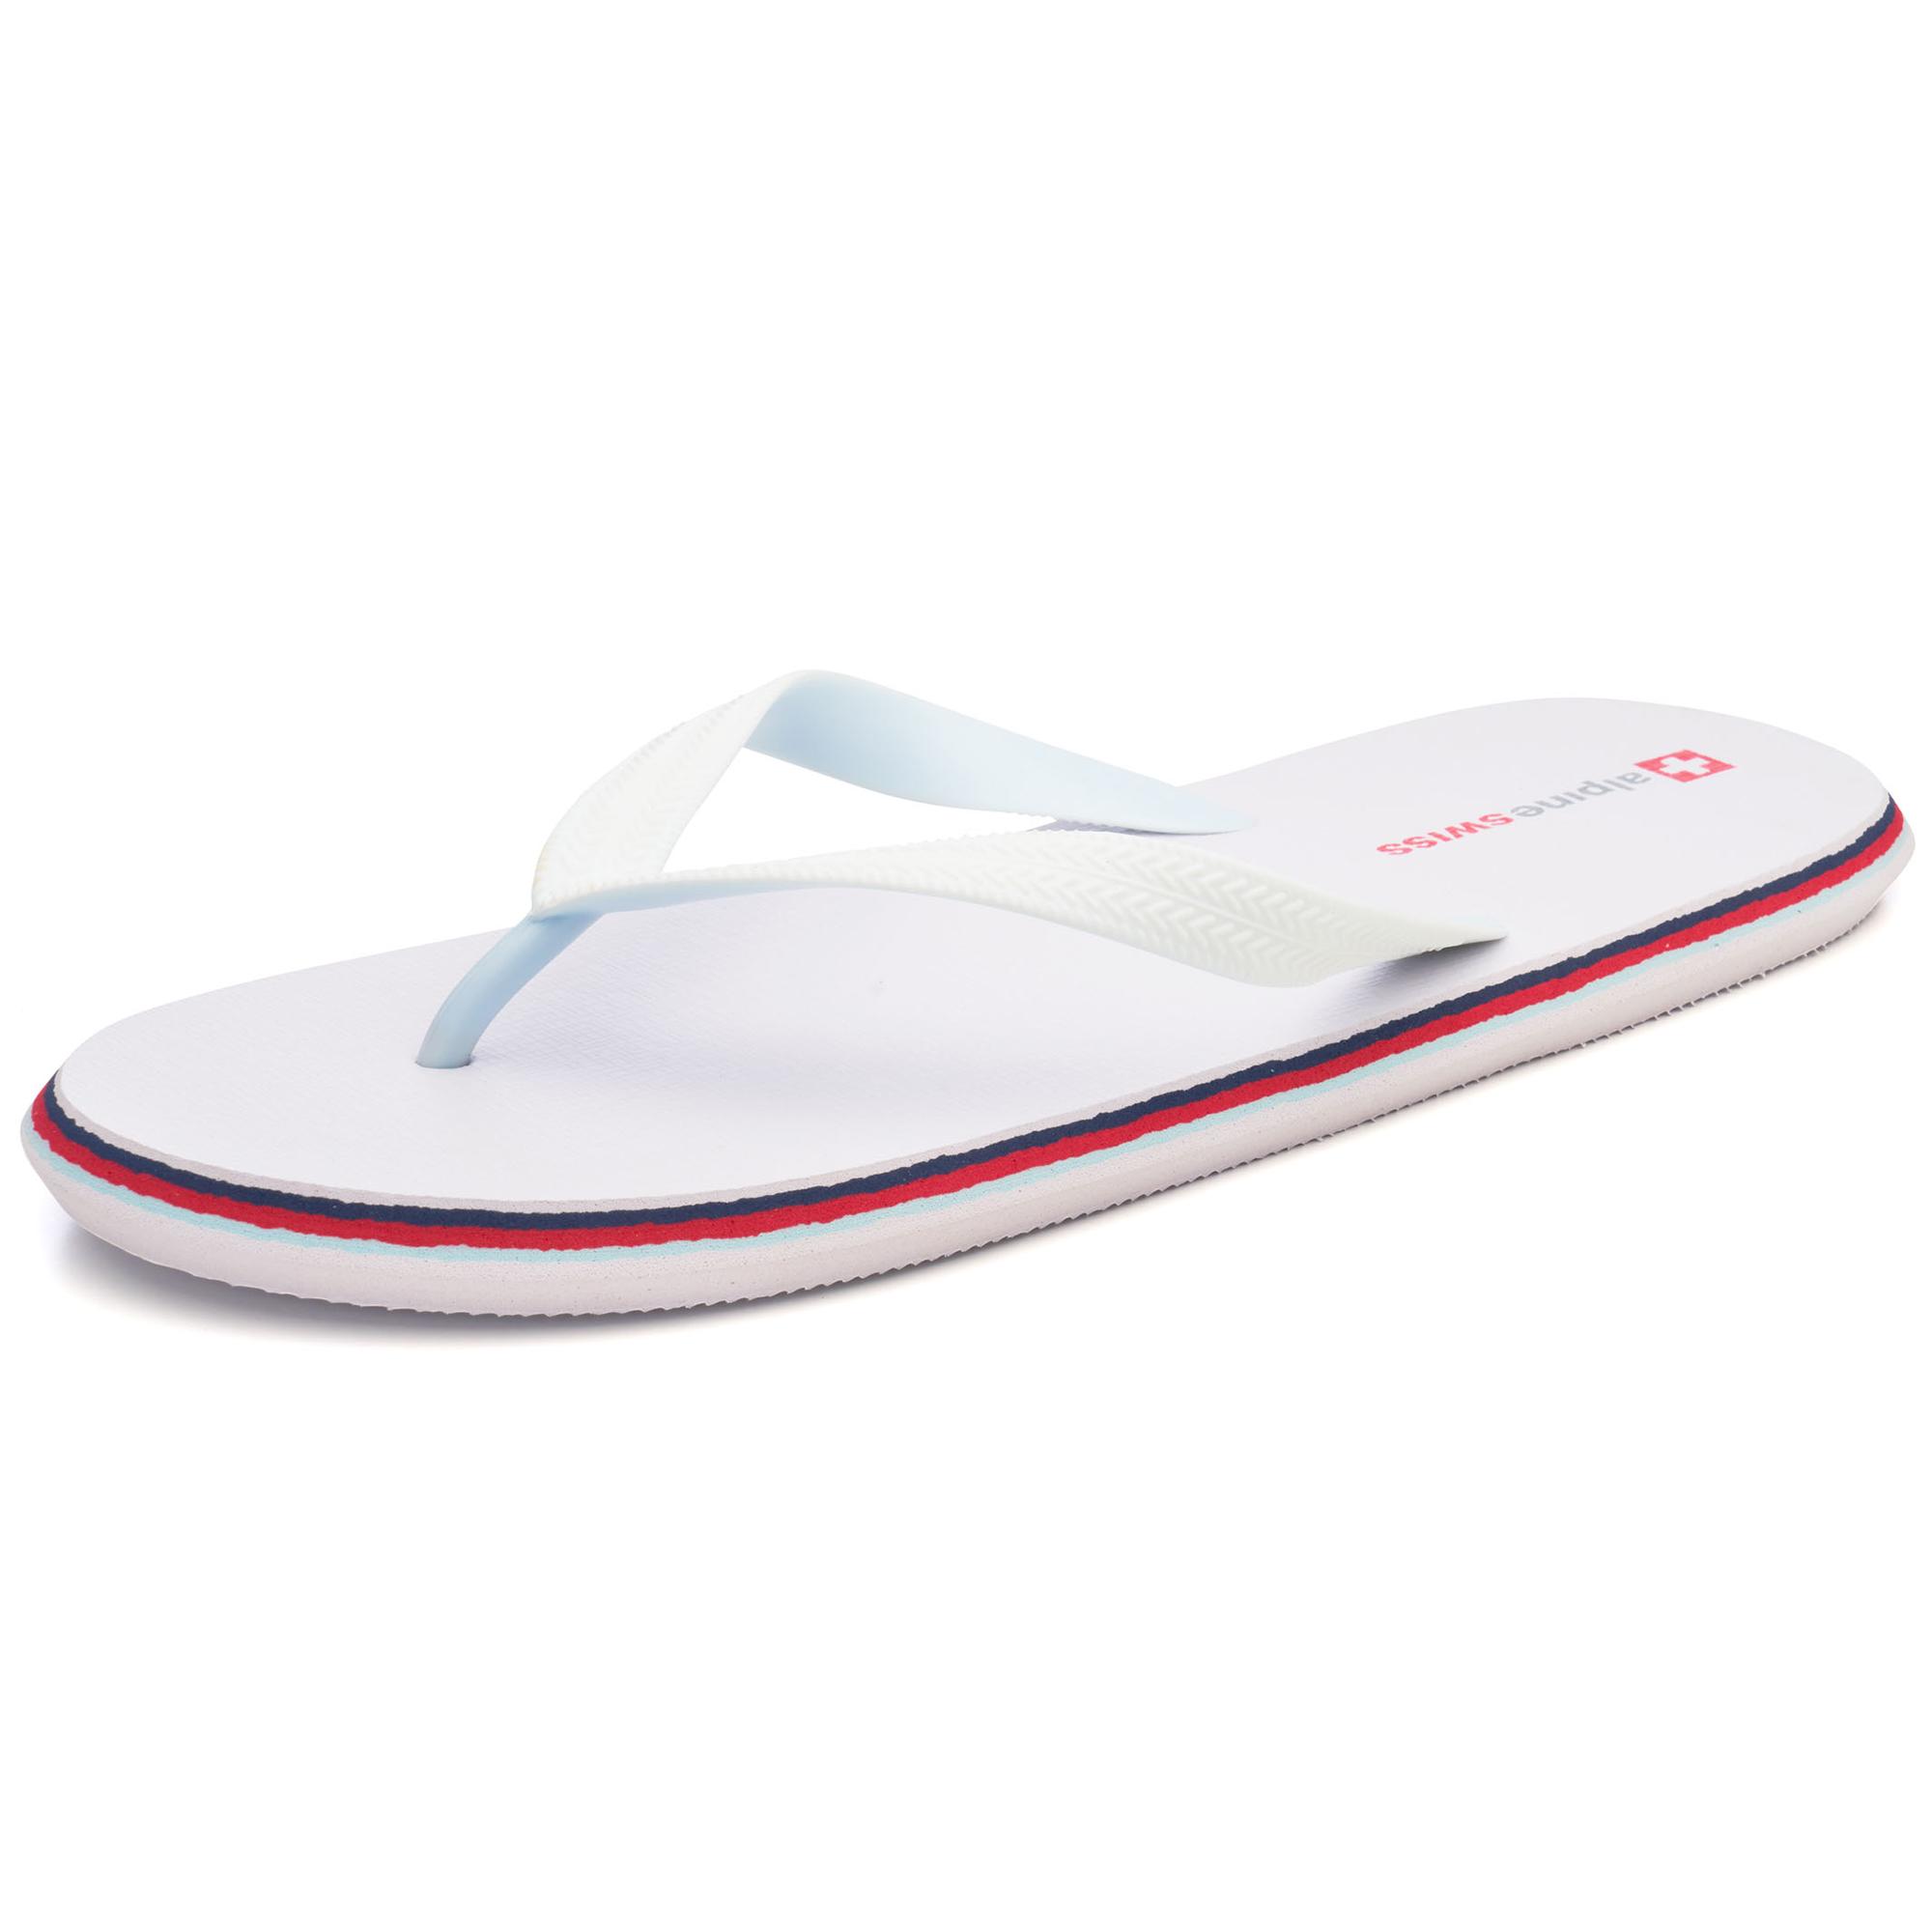 Alpine-Swiss-Mens-Flip-Flops-Beach-Sandals-Lightweight-EVA-Sole-Comfort-Thongs thumbnail 61